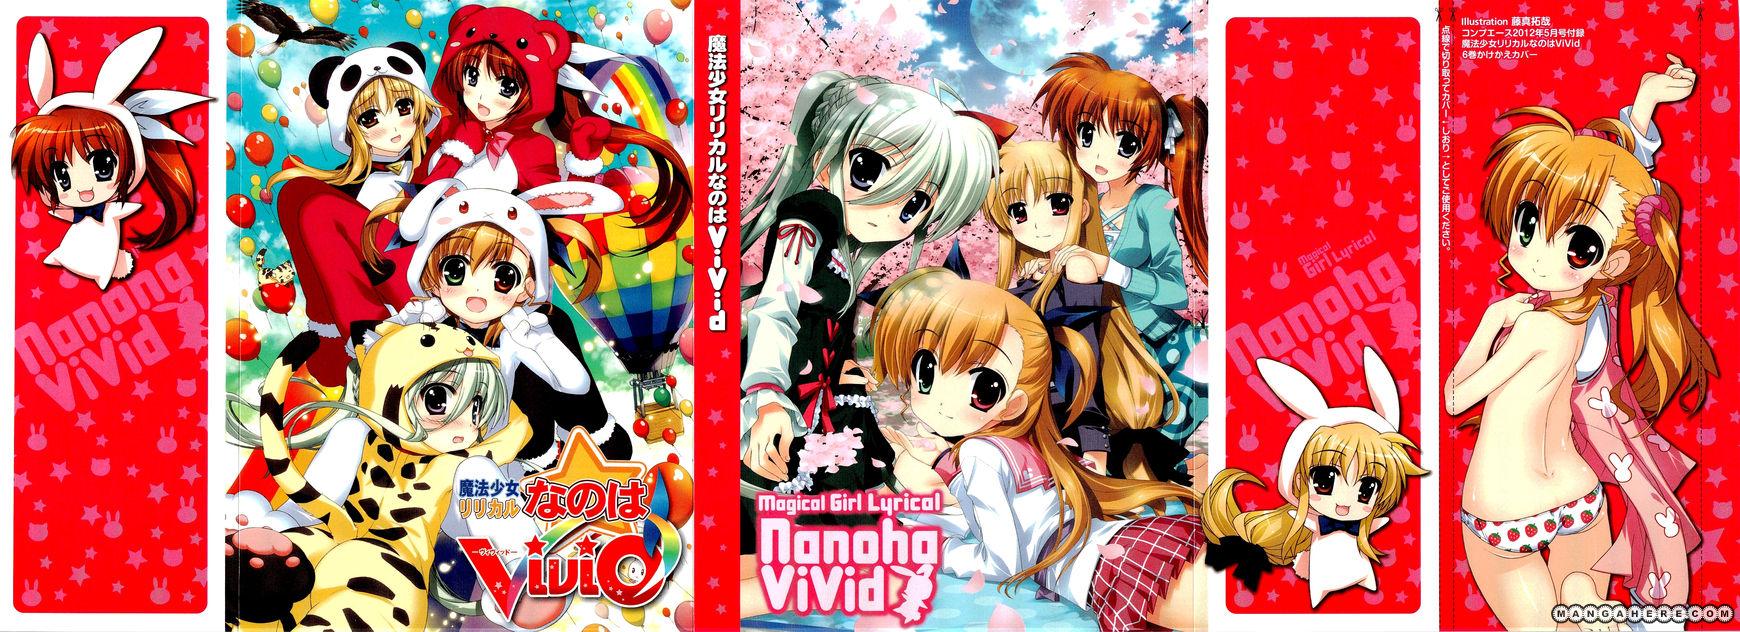 Magical Girl Lyrical Nanoha ViVid 28 Page 1